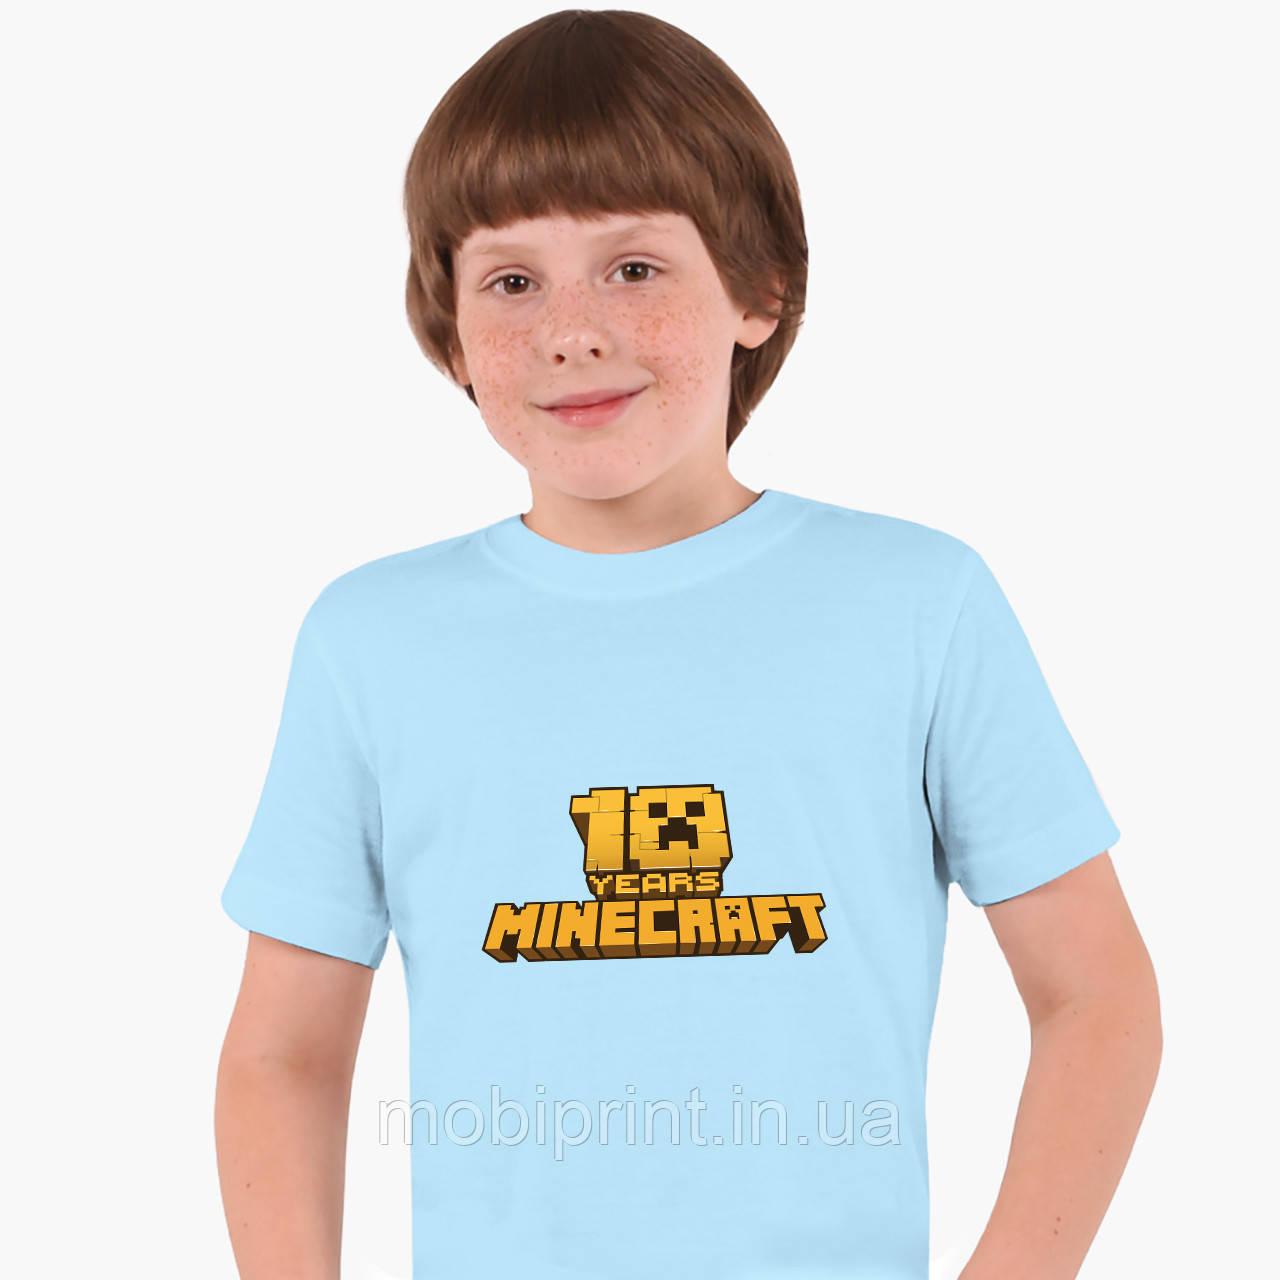 Детская футболка для мальчиков Майнкрафт (Minecraft) (25186-1171) Голубой